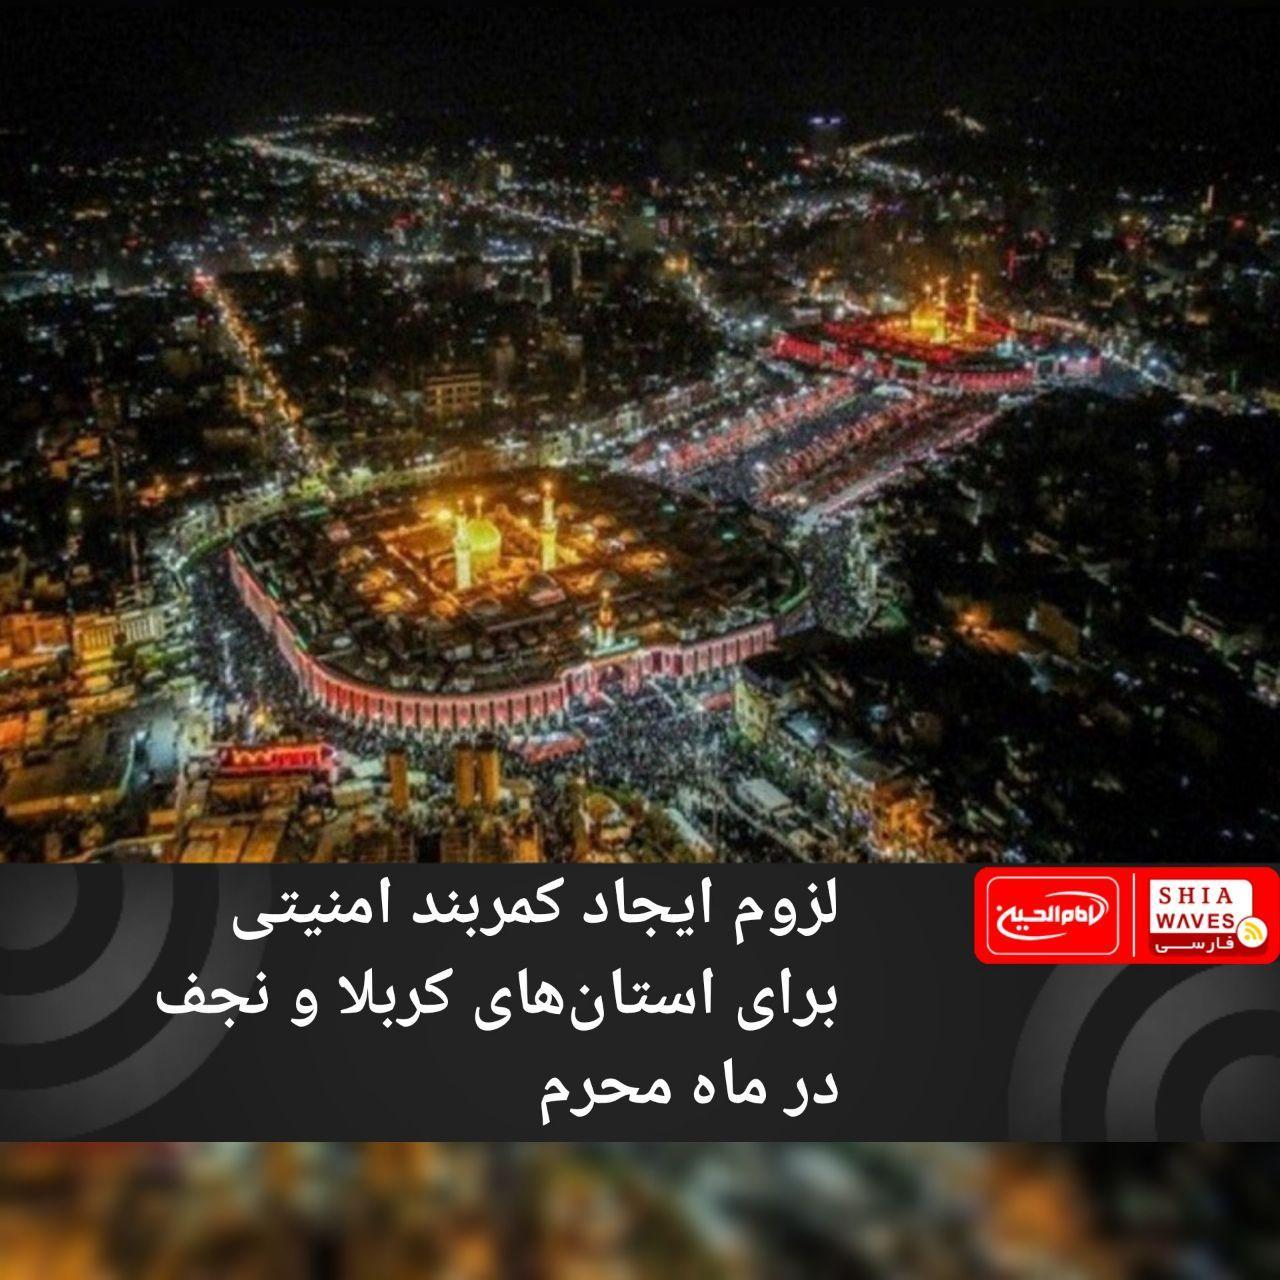 Photo of لزوم ایجاد کمربند امنیتی برای استانهای کربلا و نجف در ماه محرم